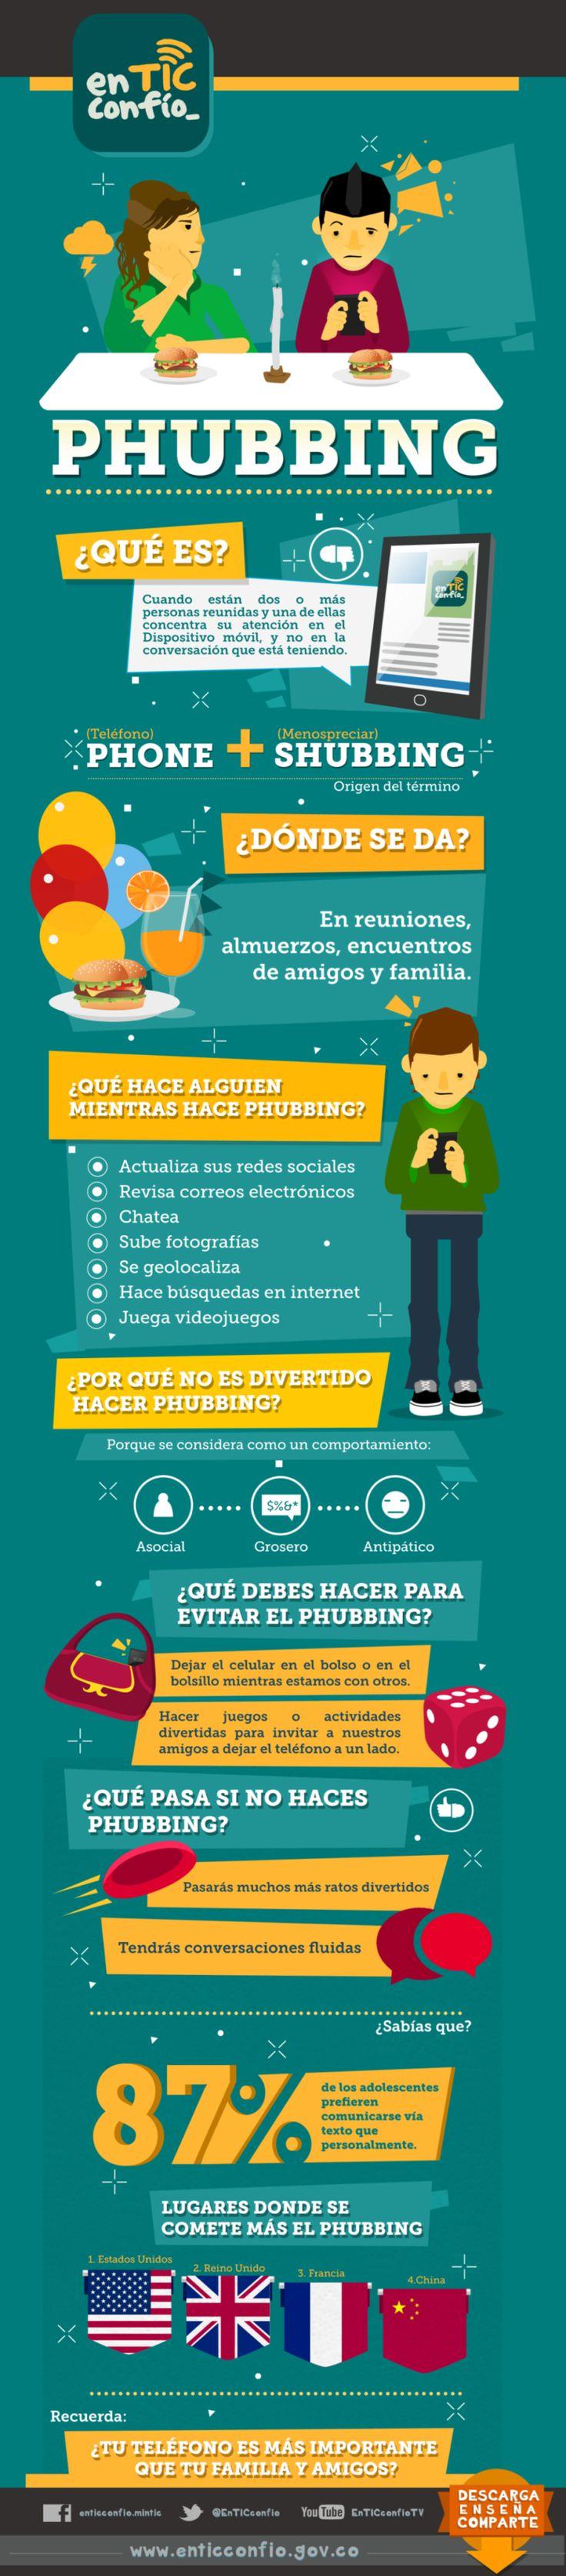 ¿Sabes que es el phubbing?  El 87% de los adolescentes prefieren comunicarse vía texto que personalmente. Infografía vía @alfredovela y @EnTICconfio